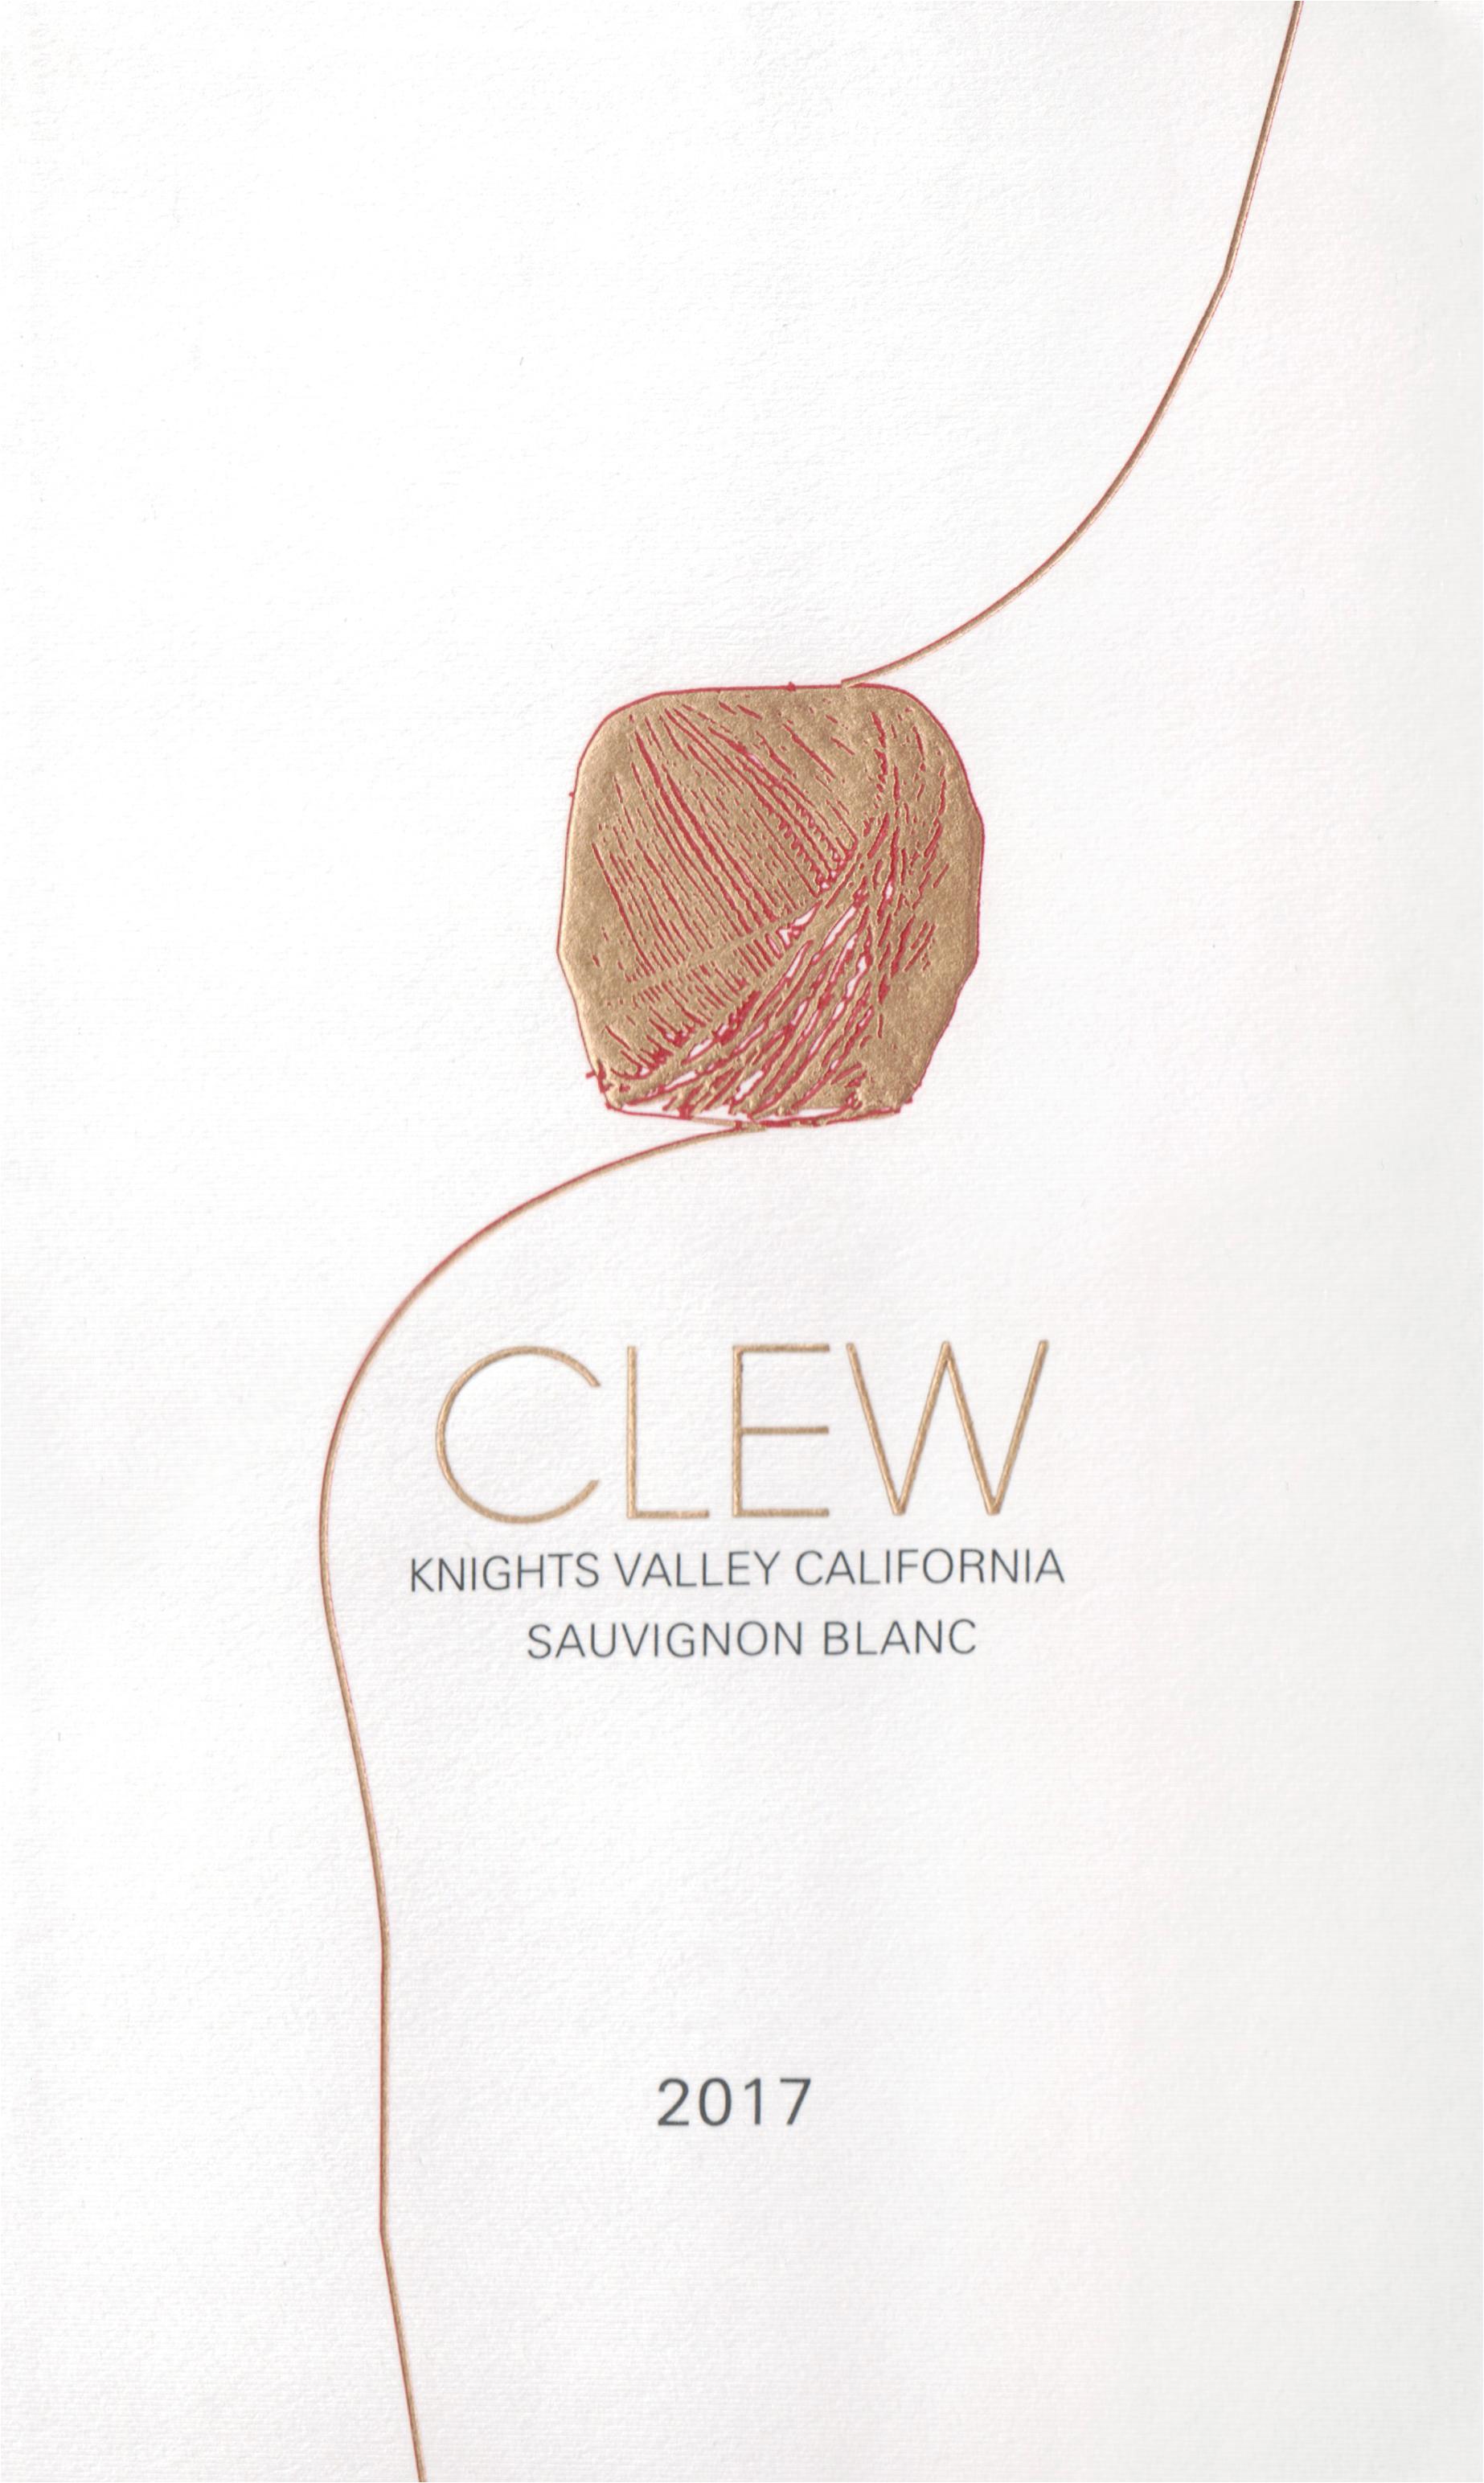 Maze Sauvignon Blanc Clew Napa Valley 2017